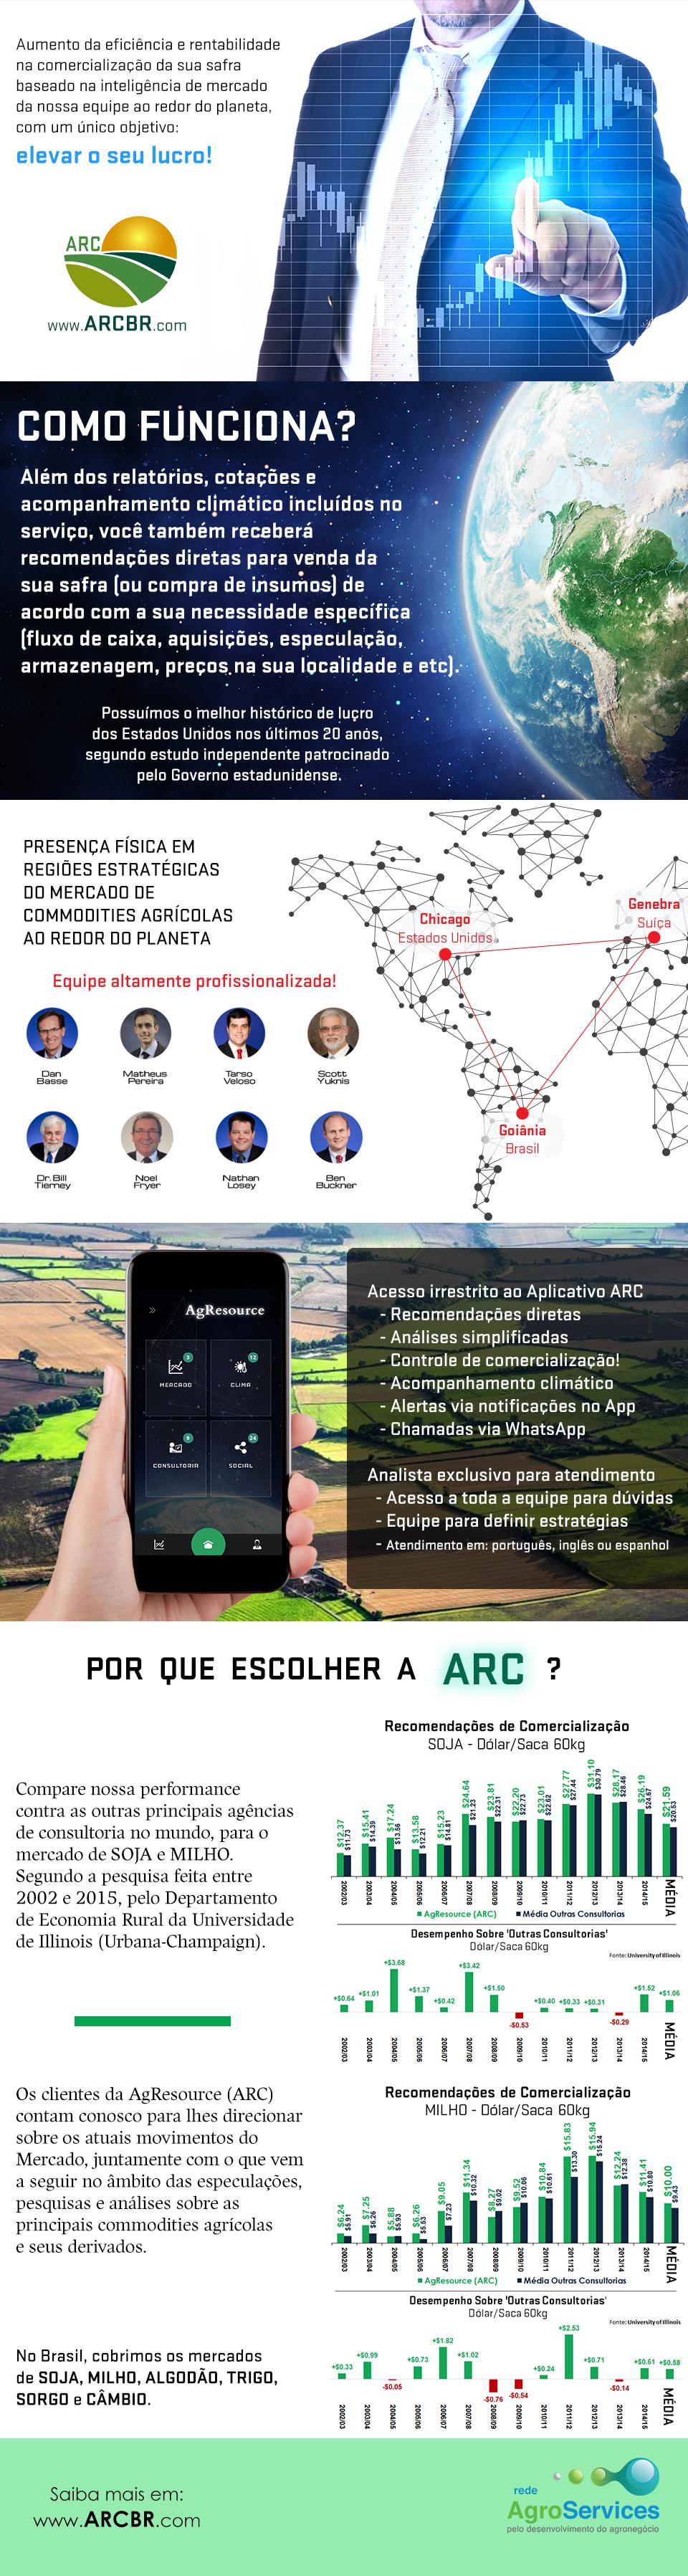 DESCRITIVO - Produto 1 - ARC Consultoria em comercialização de safra